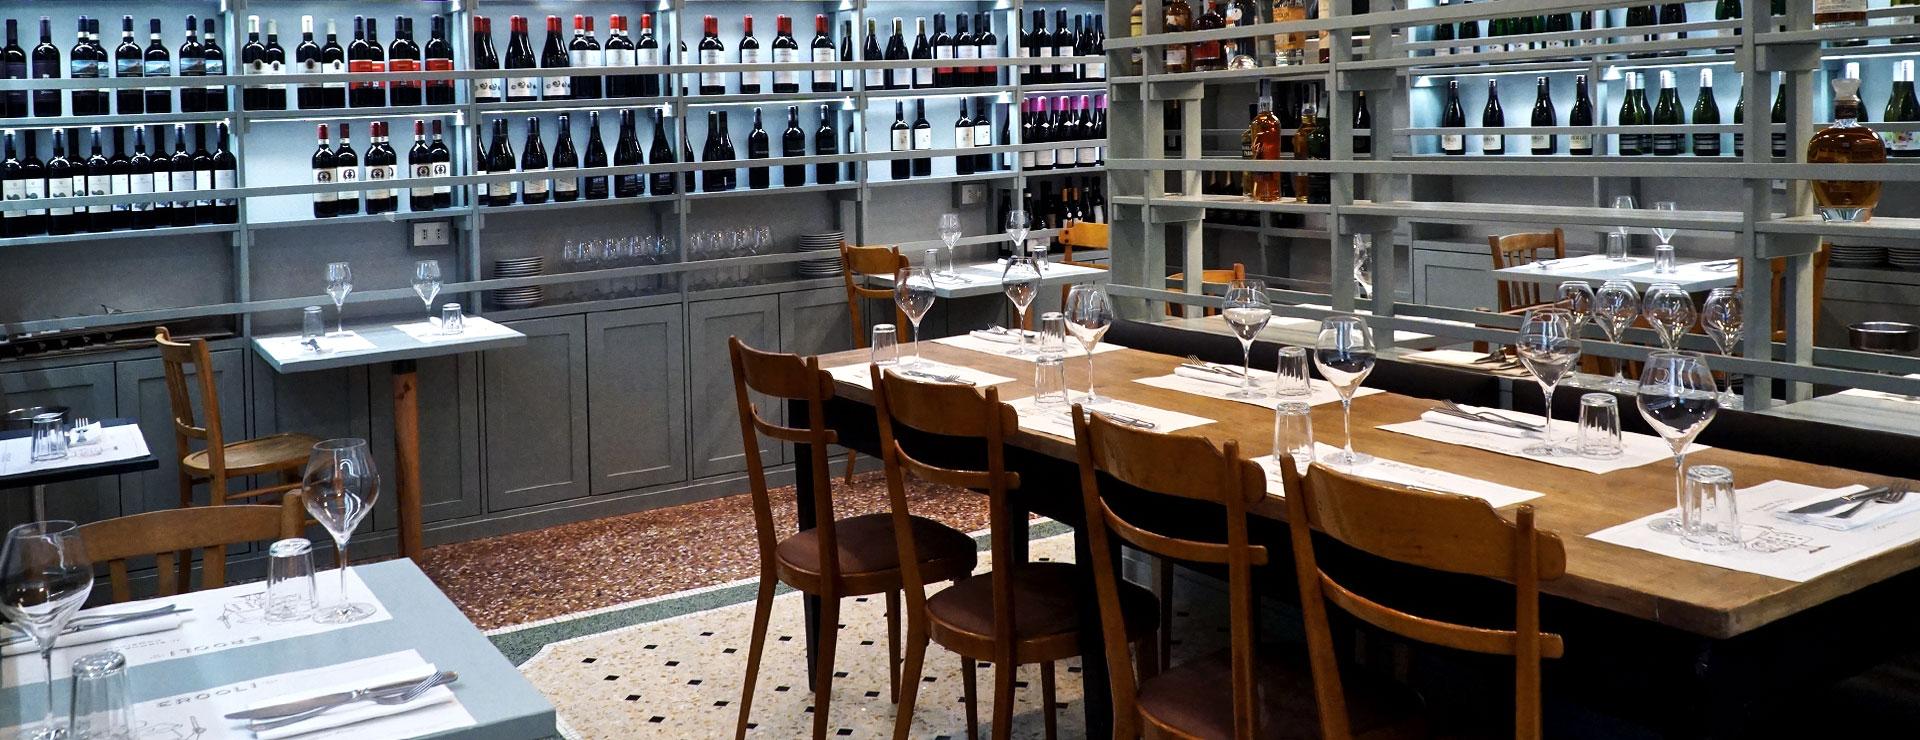 enoteca e tavoli per mangiare e aperitivo